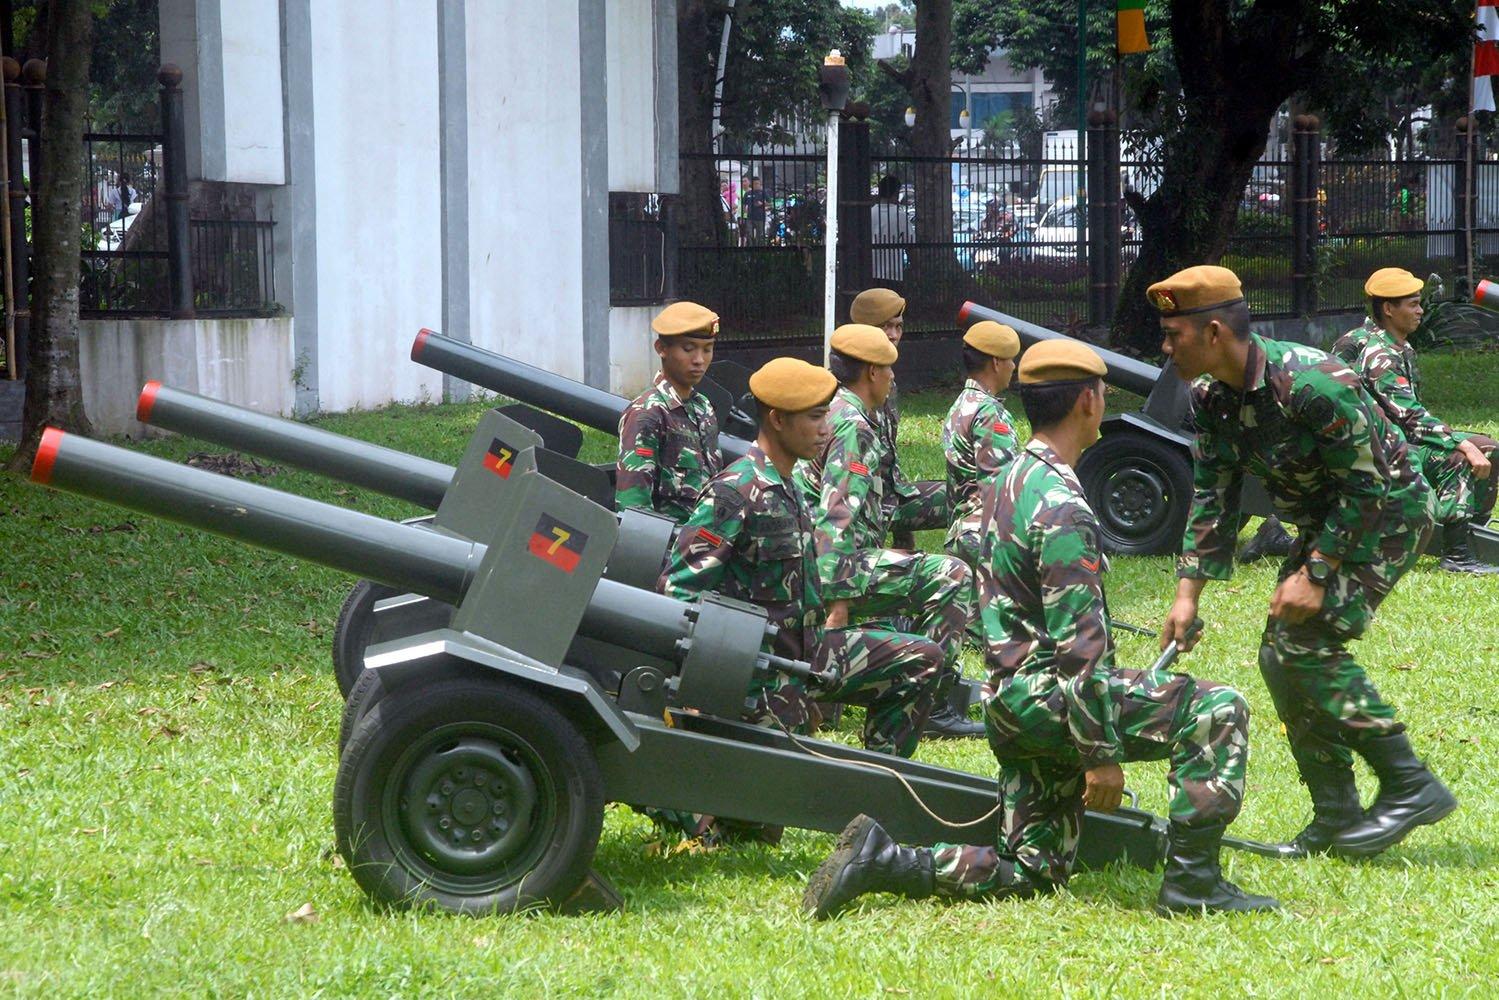 Anggota TNI AD Yon Armed-7/105 GS Bekasi memepersiapkan meriam kaliber 75 mm saat uji coba di Kota Bogor, Jawa Barat, Sabtu (25/2). Enam meriam jenis Saluting buatan Rusia disiapkan untuk menyambut kedatangan Raja Arab Saudi, Raja Salman Bin Abdul Aziz Al-Saud ke Istana Bogor.